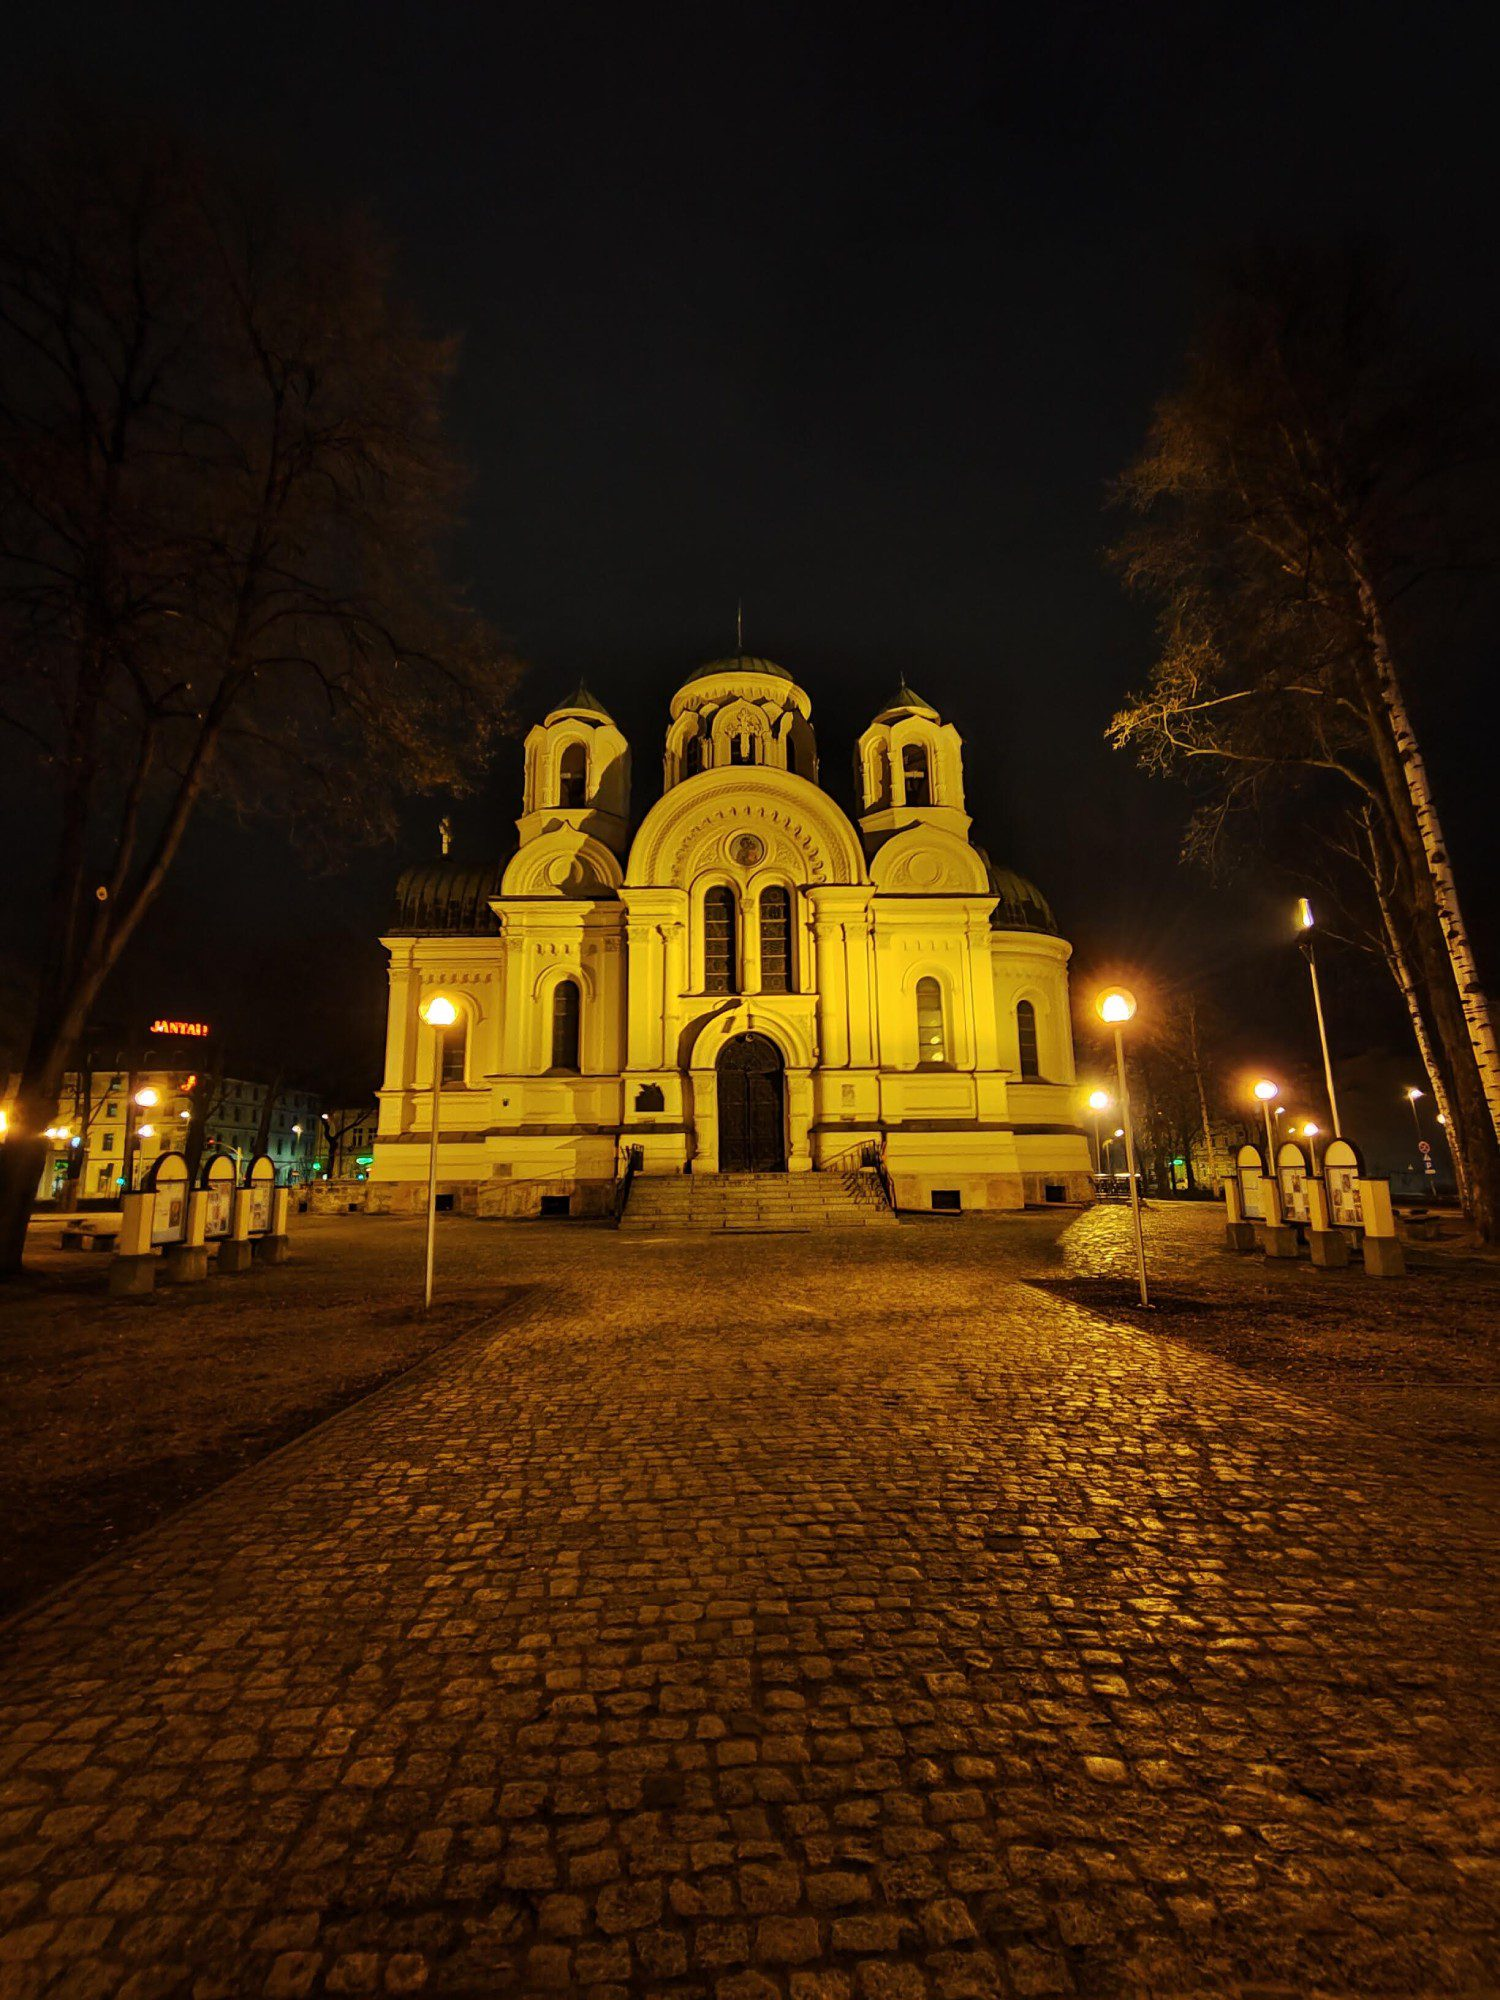 zdjęcie szerokokątne w trybie nocnym realme 8 pro